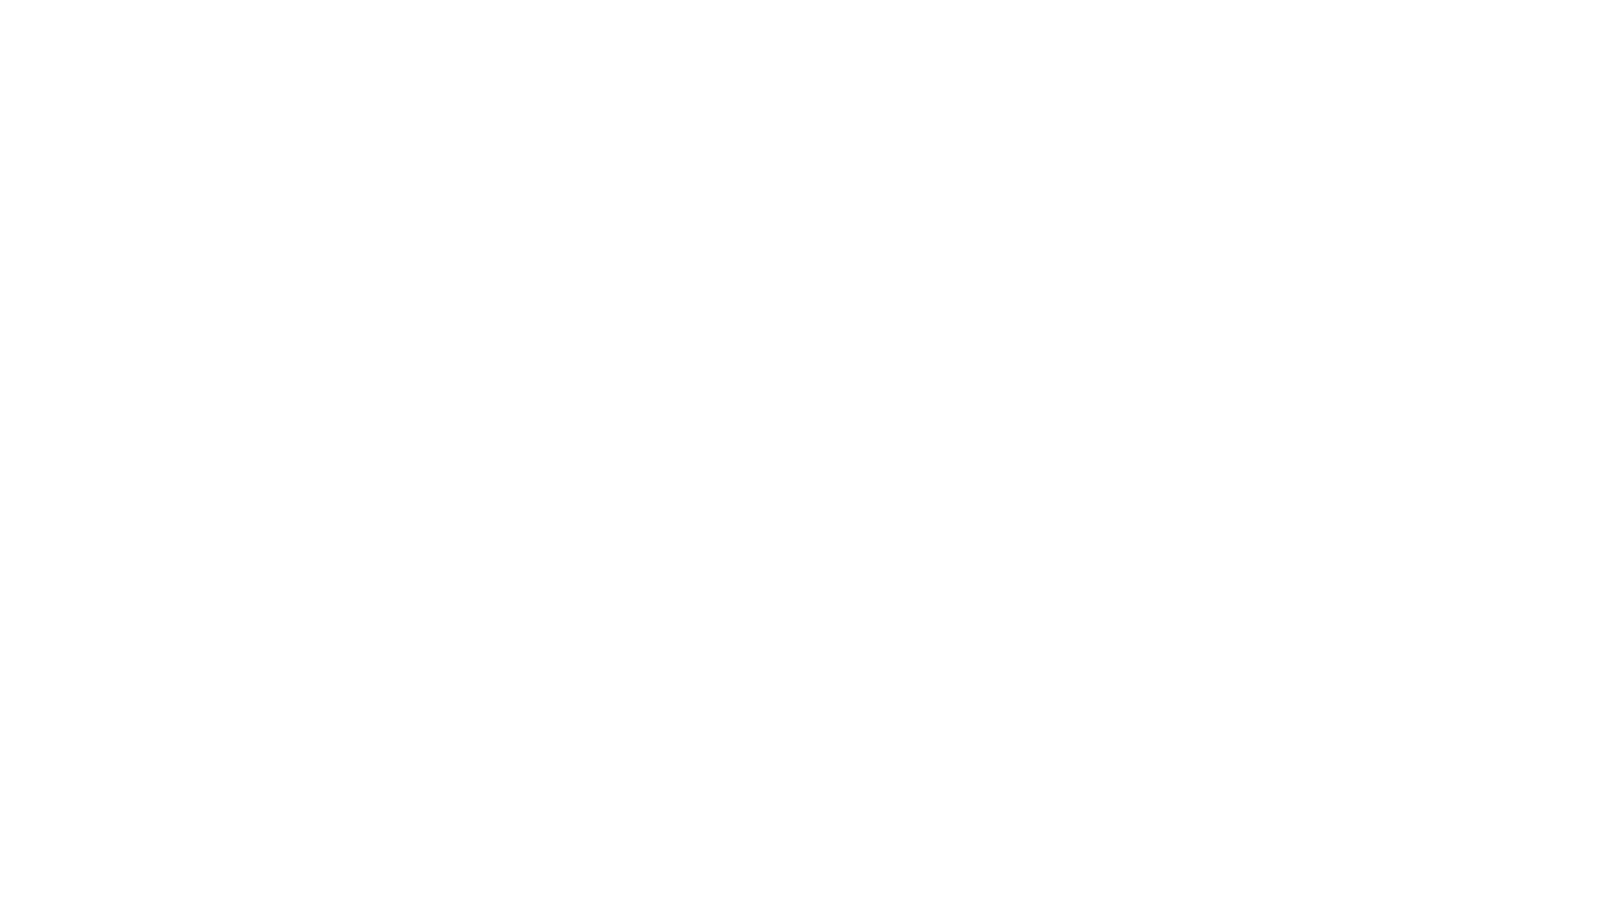 """🔰 NO PASS = NO TUTELE SUL LAVORO 🔰  ➡️ Dal 15 ottobre al 31 dicembre ➡️ Il lavoratore senza Green Pass saranno considerati """"assenti ingiustificati"""" sul posto di lavoro ➡️ Non avranno diritto allo stipendio ⚠️ Non potranno quindi usufruire di: ⚠️ Assegni di maternità ⚠️ Assegni per il nucleo familiare ⚠️ Cassa Integrazione ⚠️ Malattia  🔰 Inoltre ➡️ I giorni di assenza ingiustificata non permettono di maturare ferie e permessi retribuiti ➡️ Possono portare alla perdita della anzianità di lavoro ➡️ Comporta la perdita delle tutela previdenziali per i giorni di assenza  ➡️ Potranno solo avere la garanzia di conservare il posto di lavoro  #covid #pass #greenpass #malattia #lavoro #costituzione"""